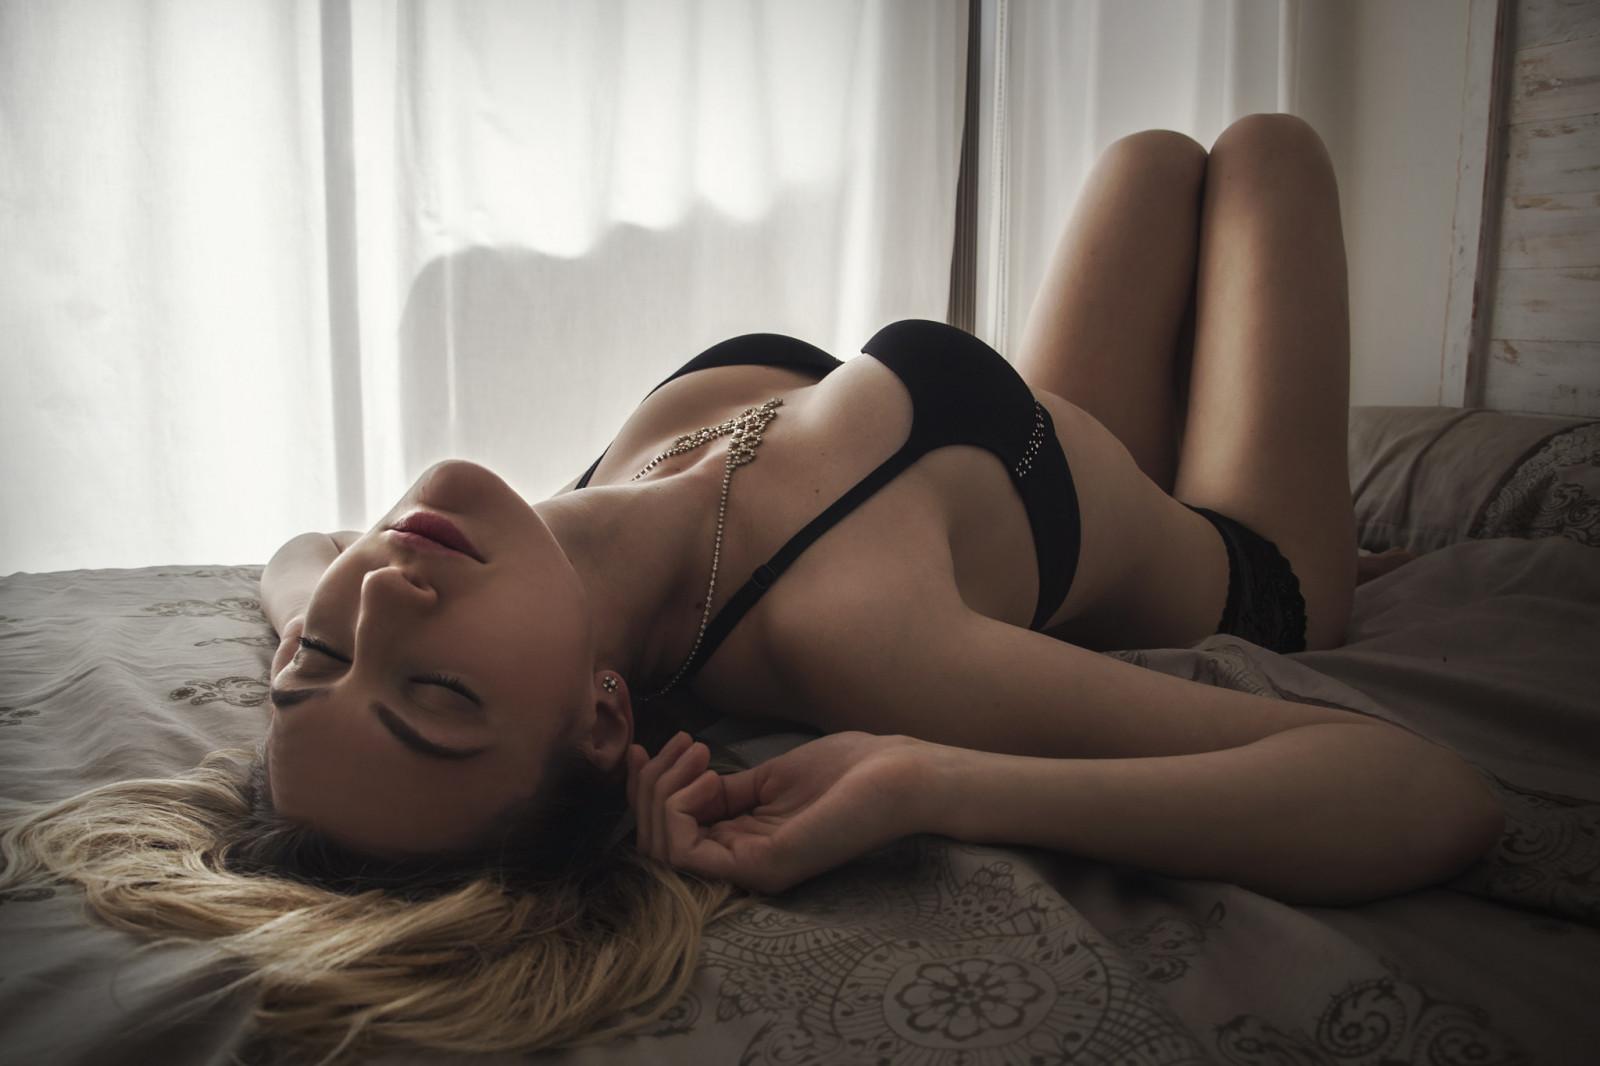 Фото женщины в экстазе, две мои любимые попки